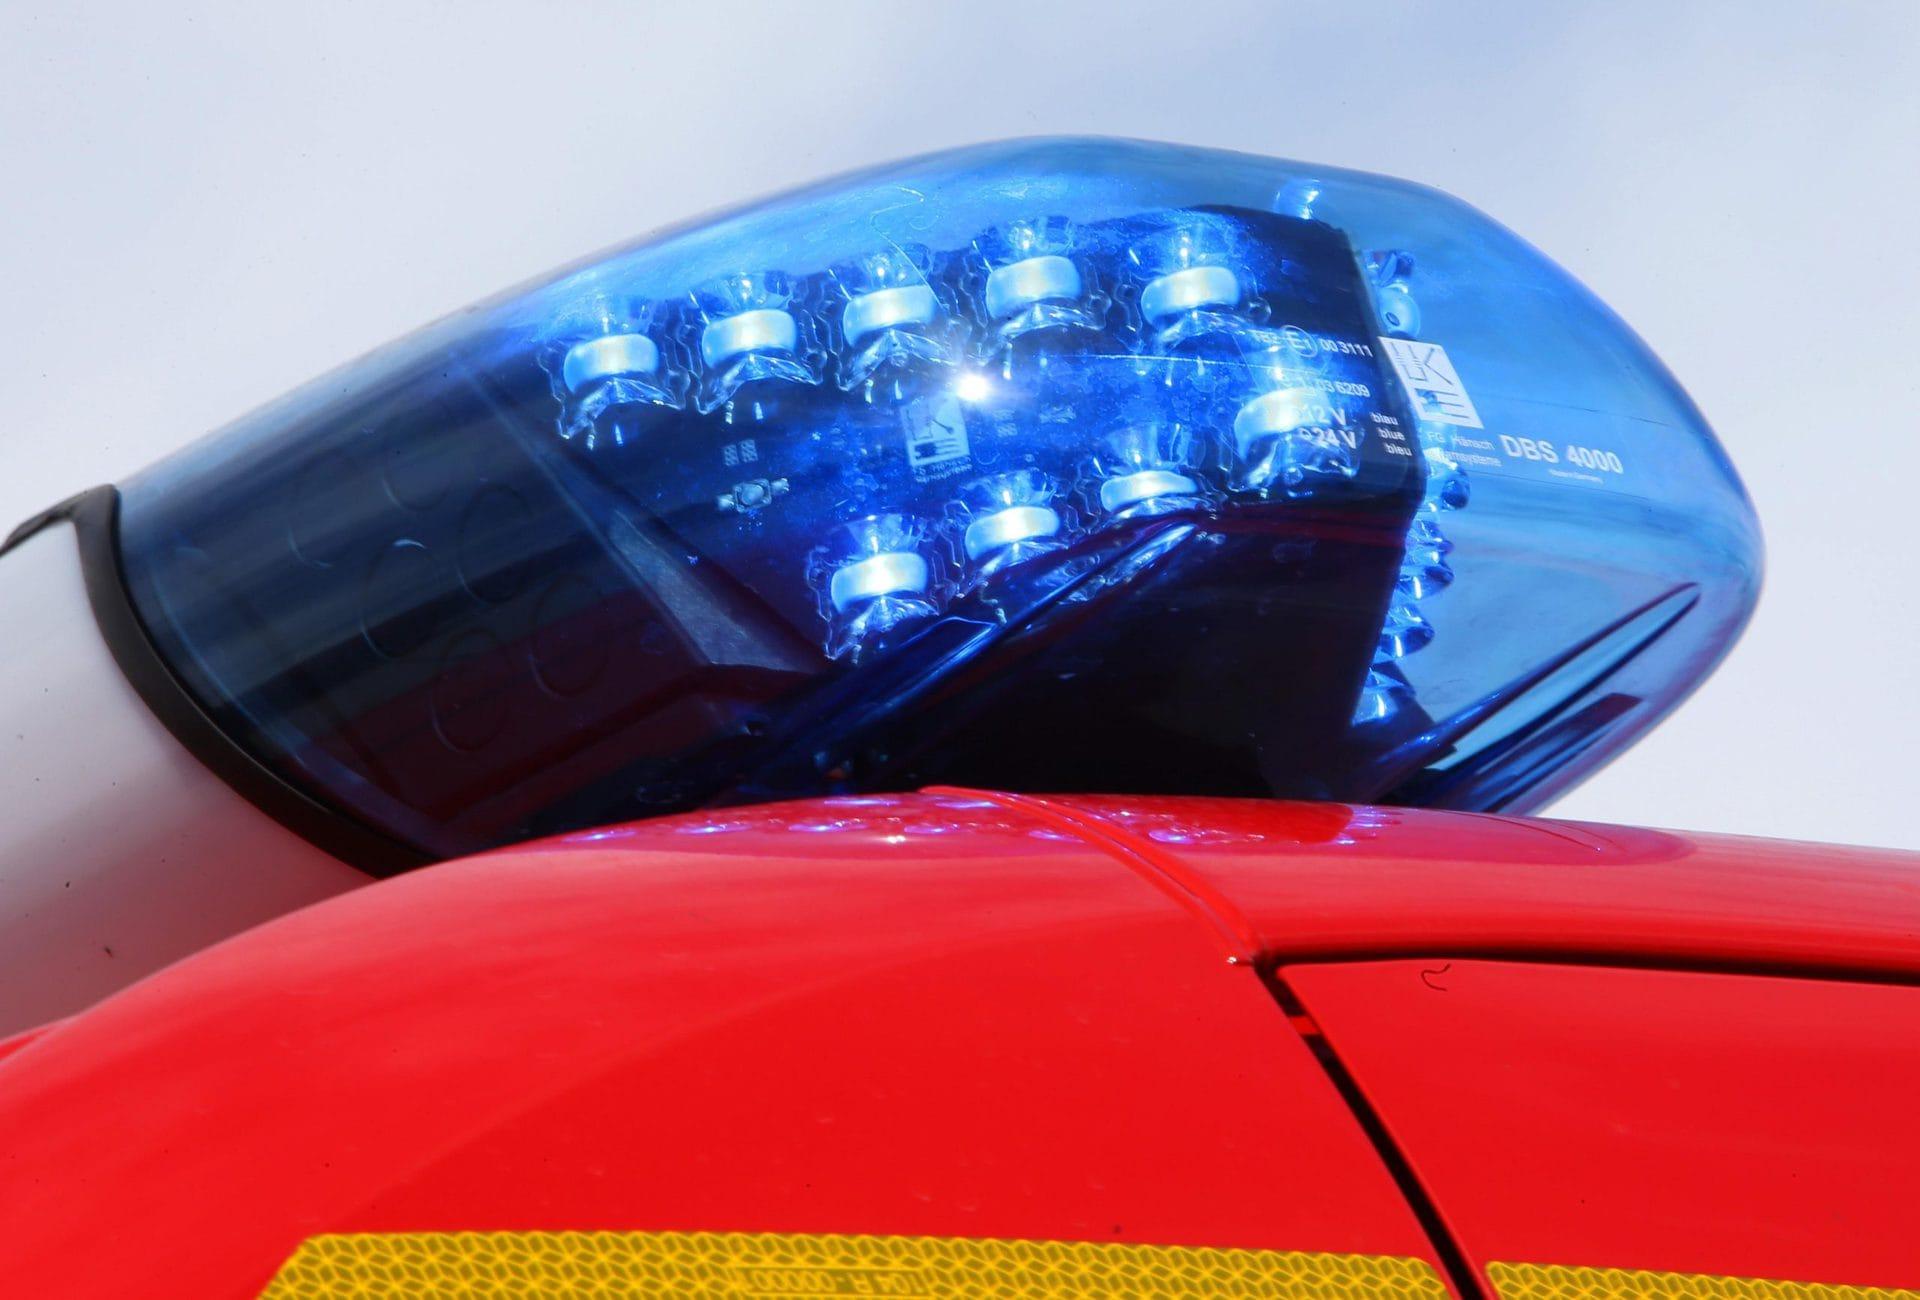 Radlader stürzt 30 Meter ab Fahrer überlebt